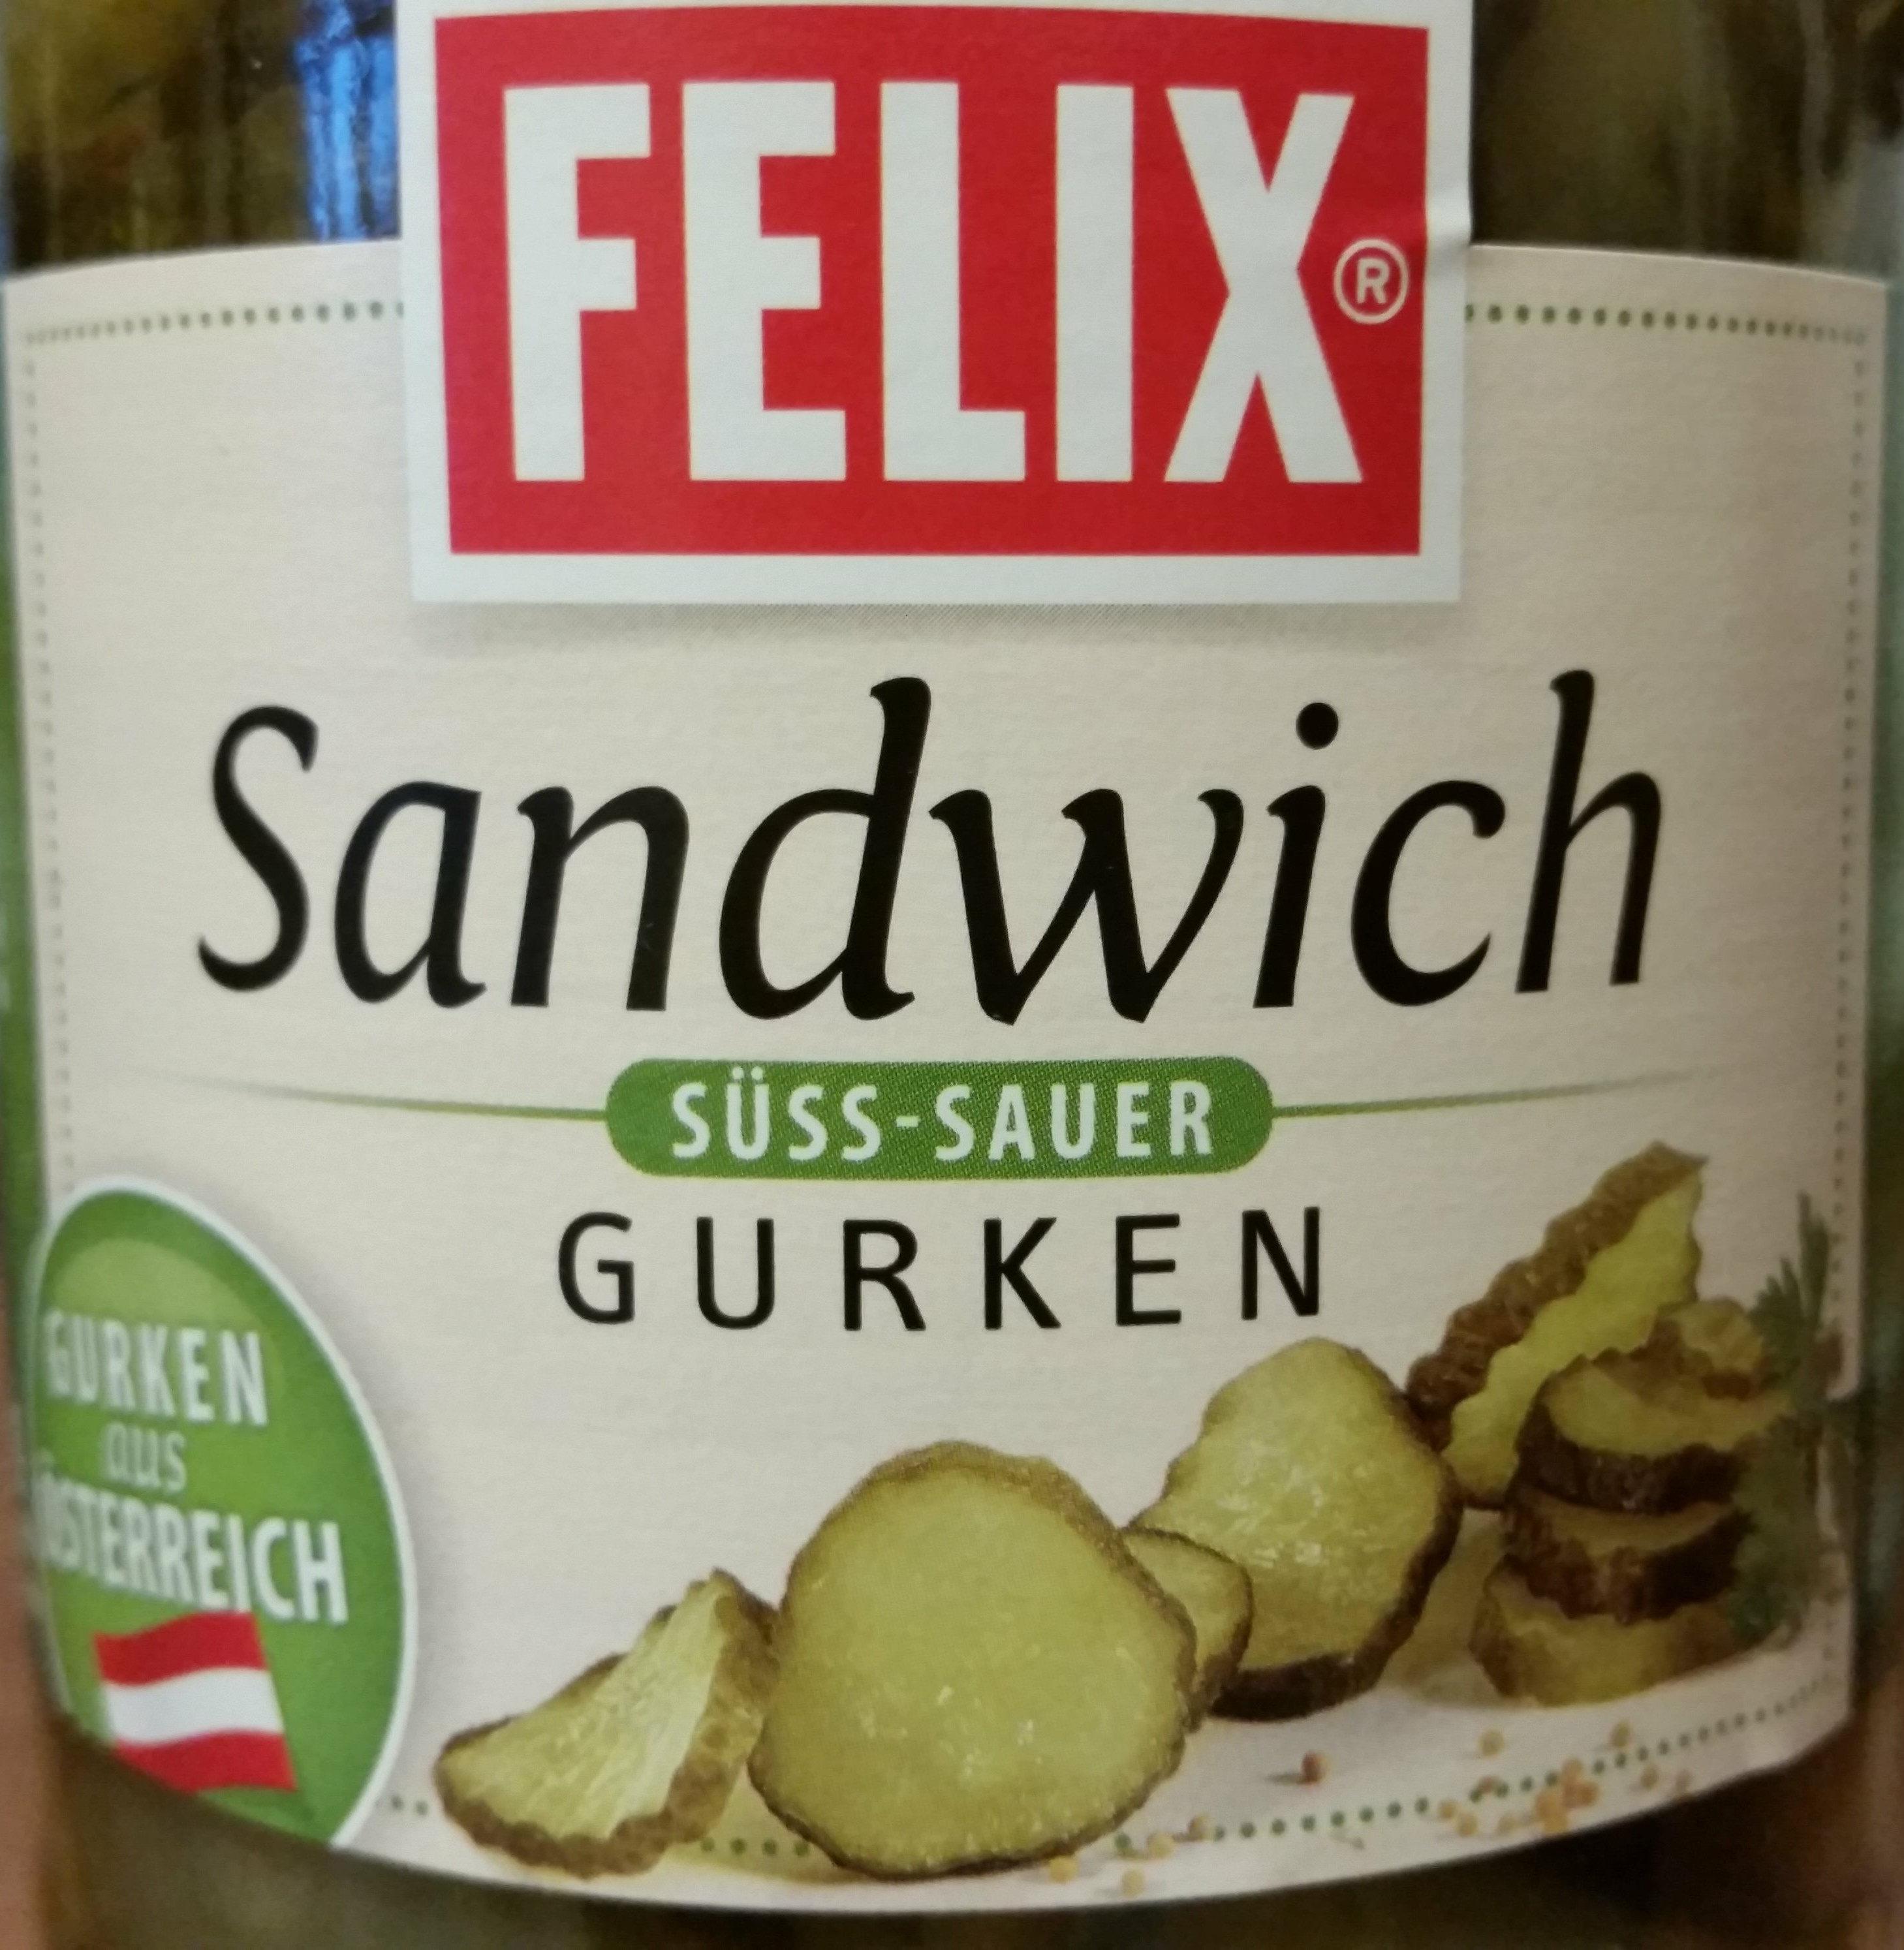 Sandwich Gurken süss-sauer - Product